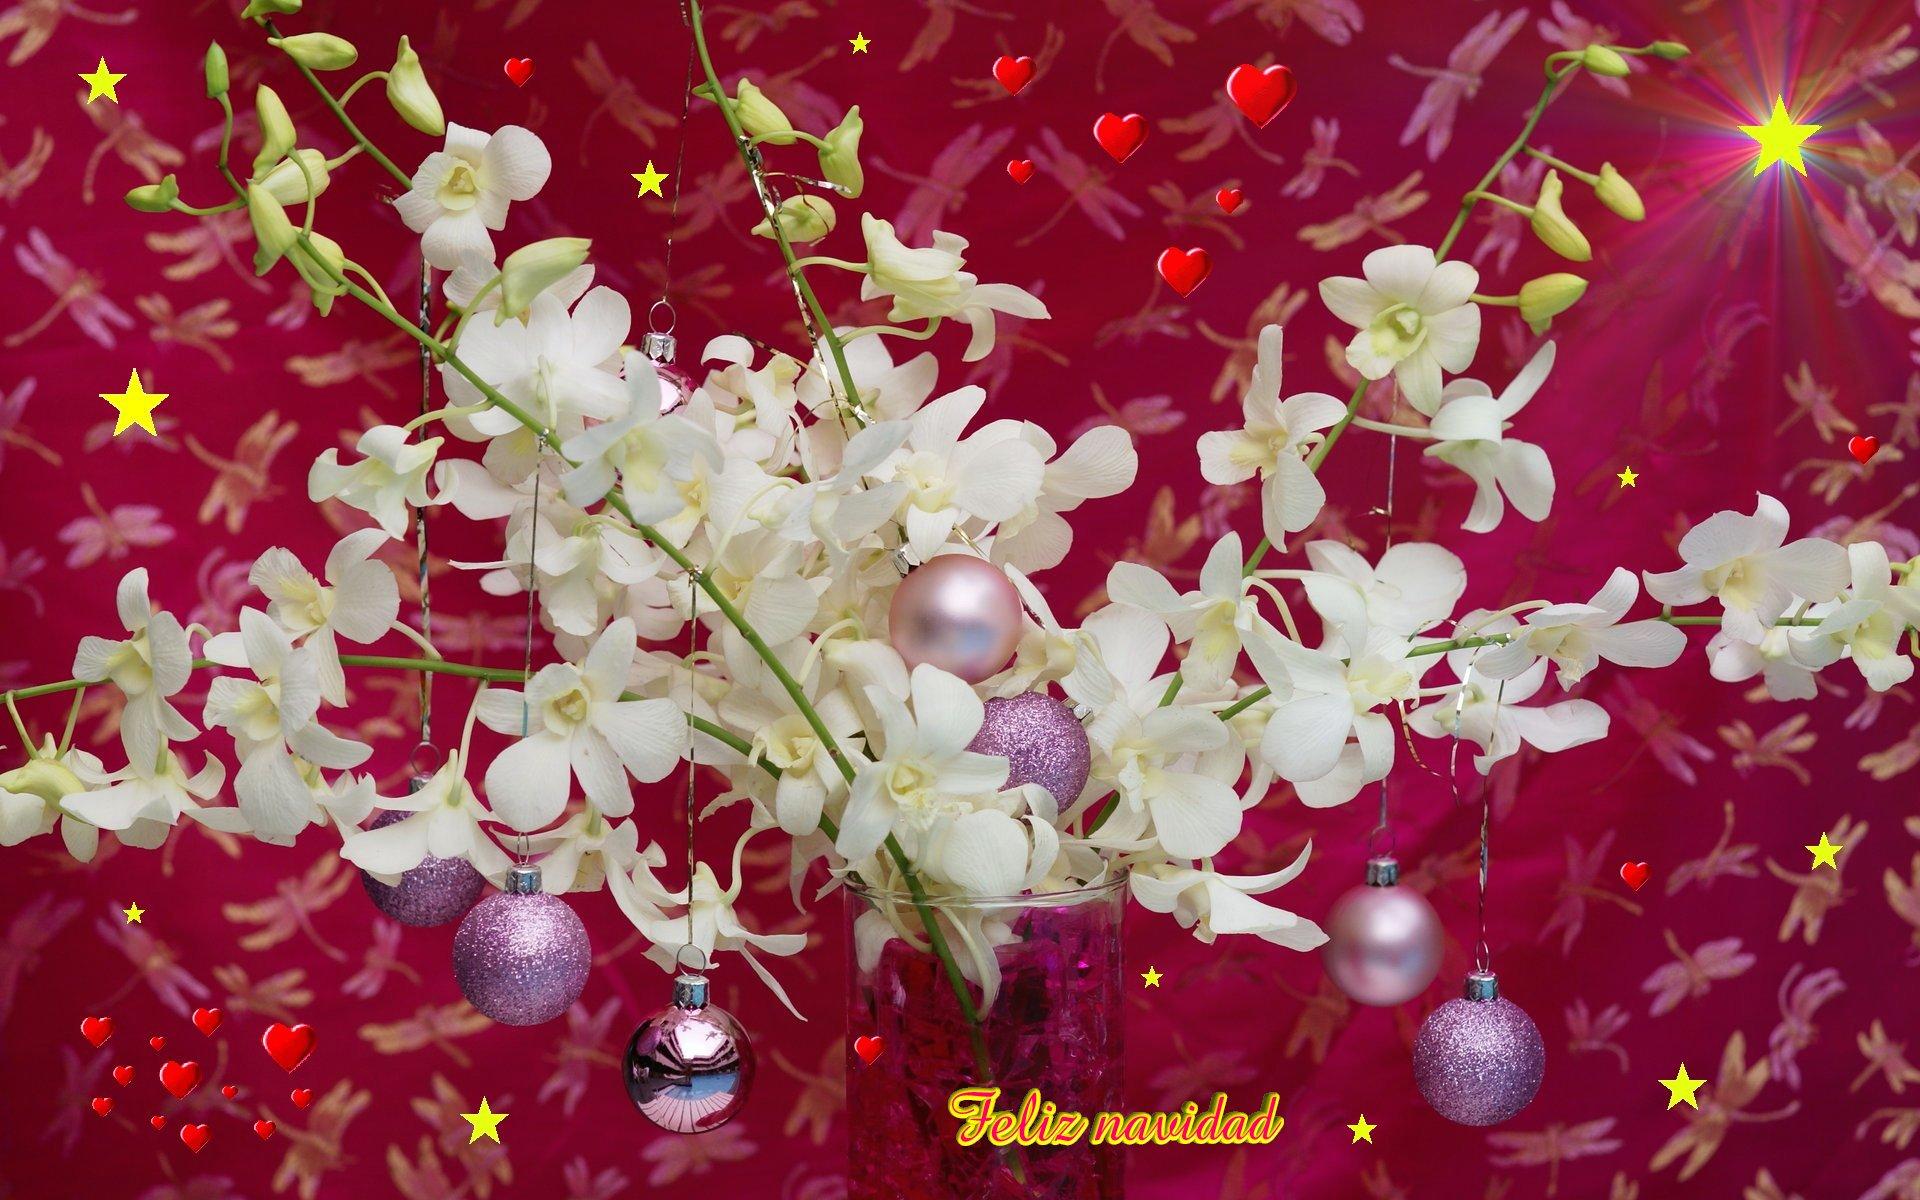 Fondos Hd Bolitas En Flores 1920x1200 Fondo De Pantalla 1473